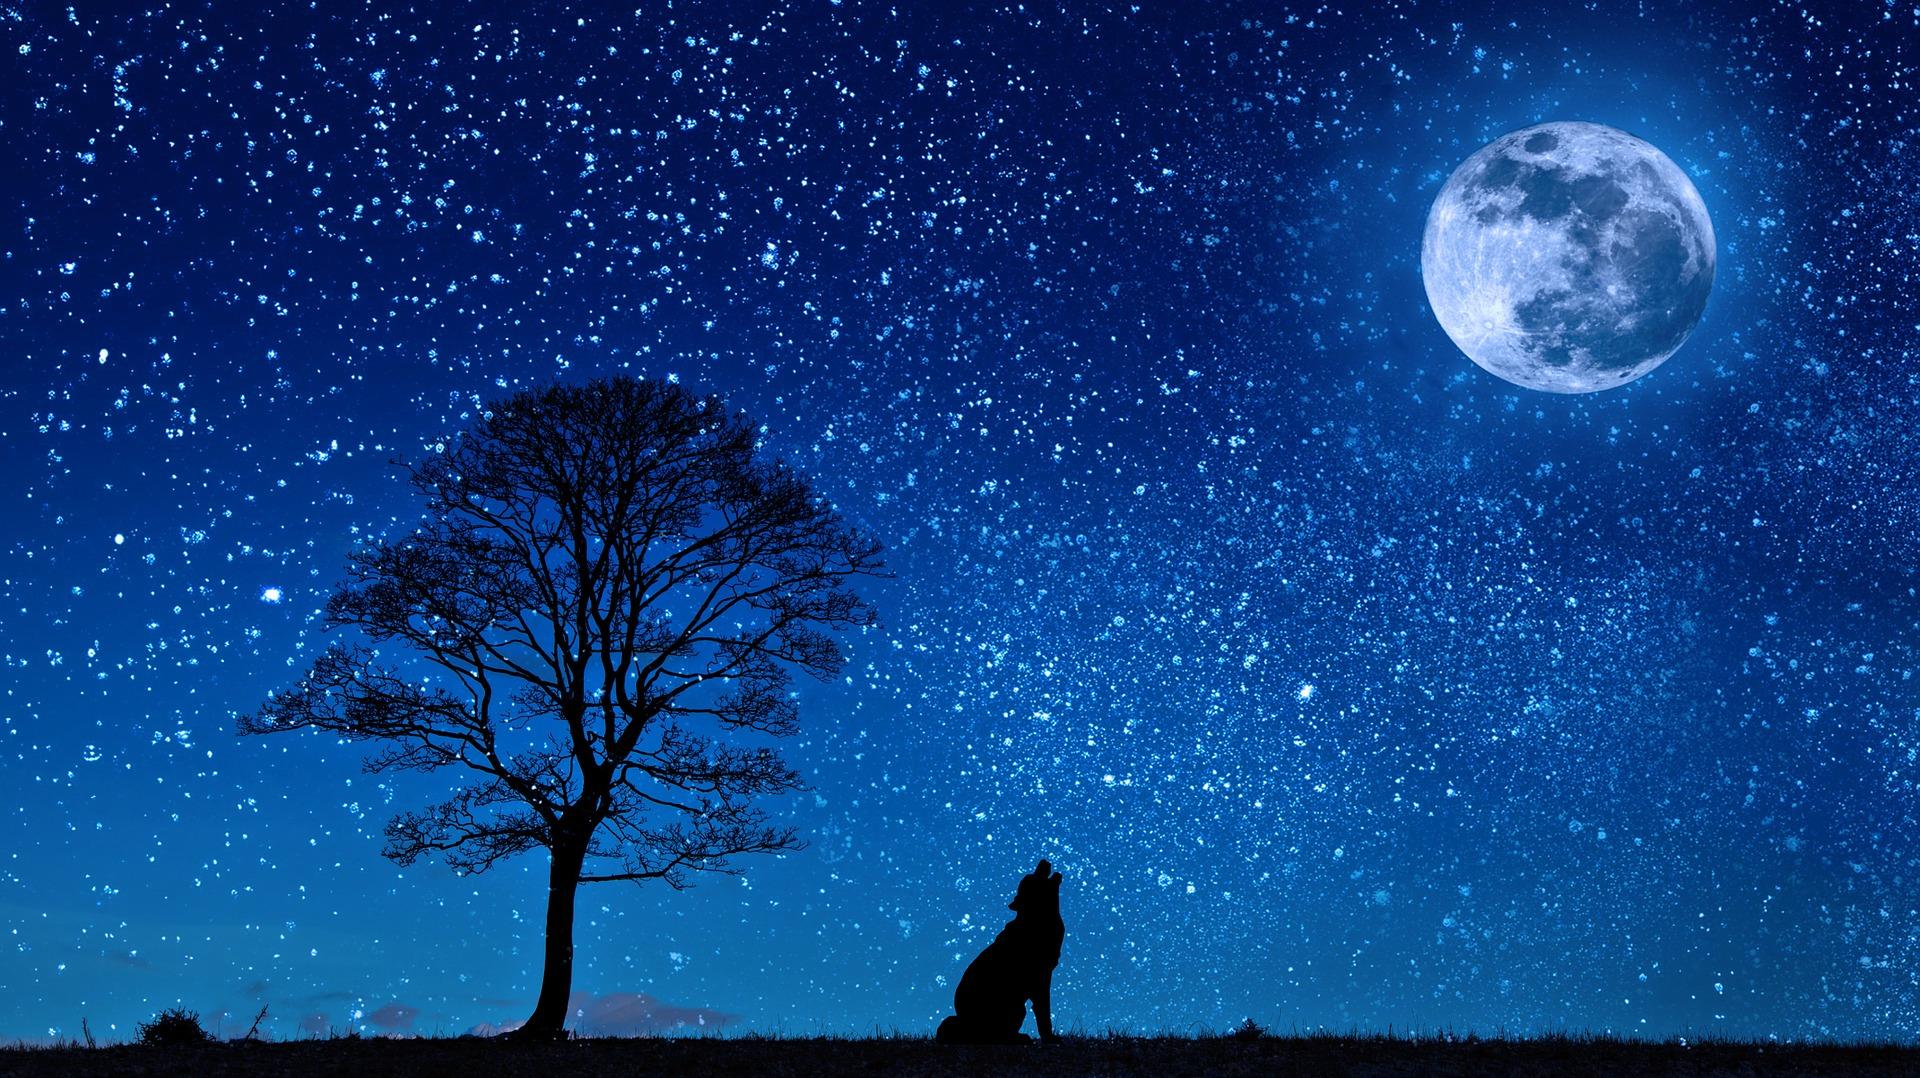 download wallpaper: wolf huilt naar de maan wallpaper